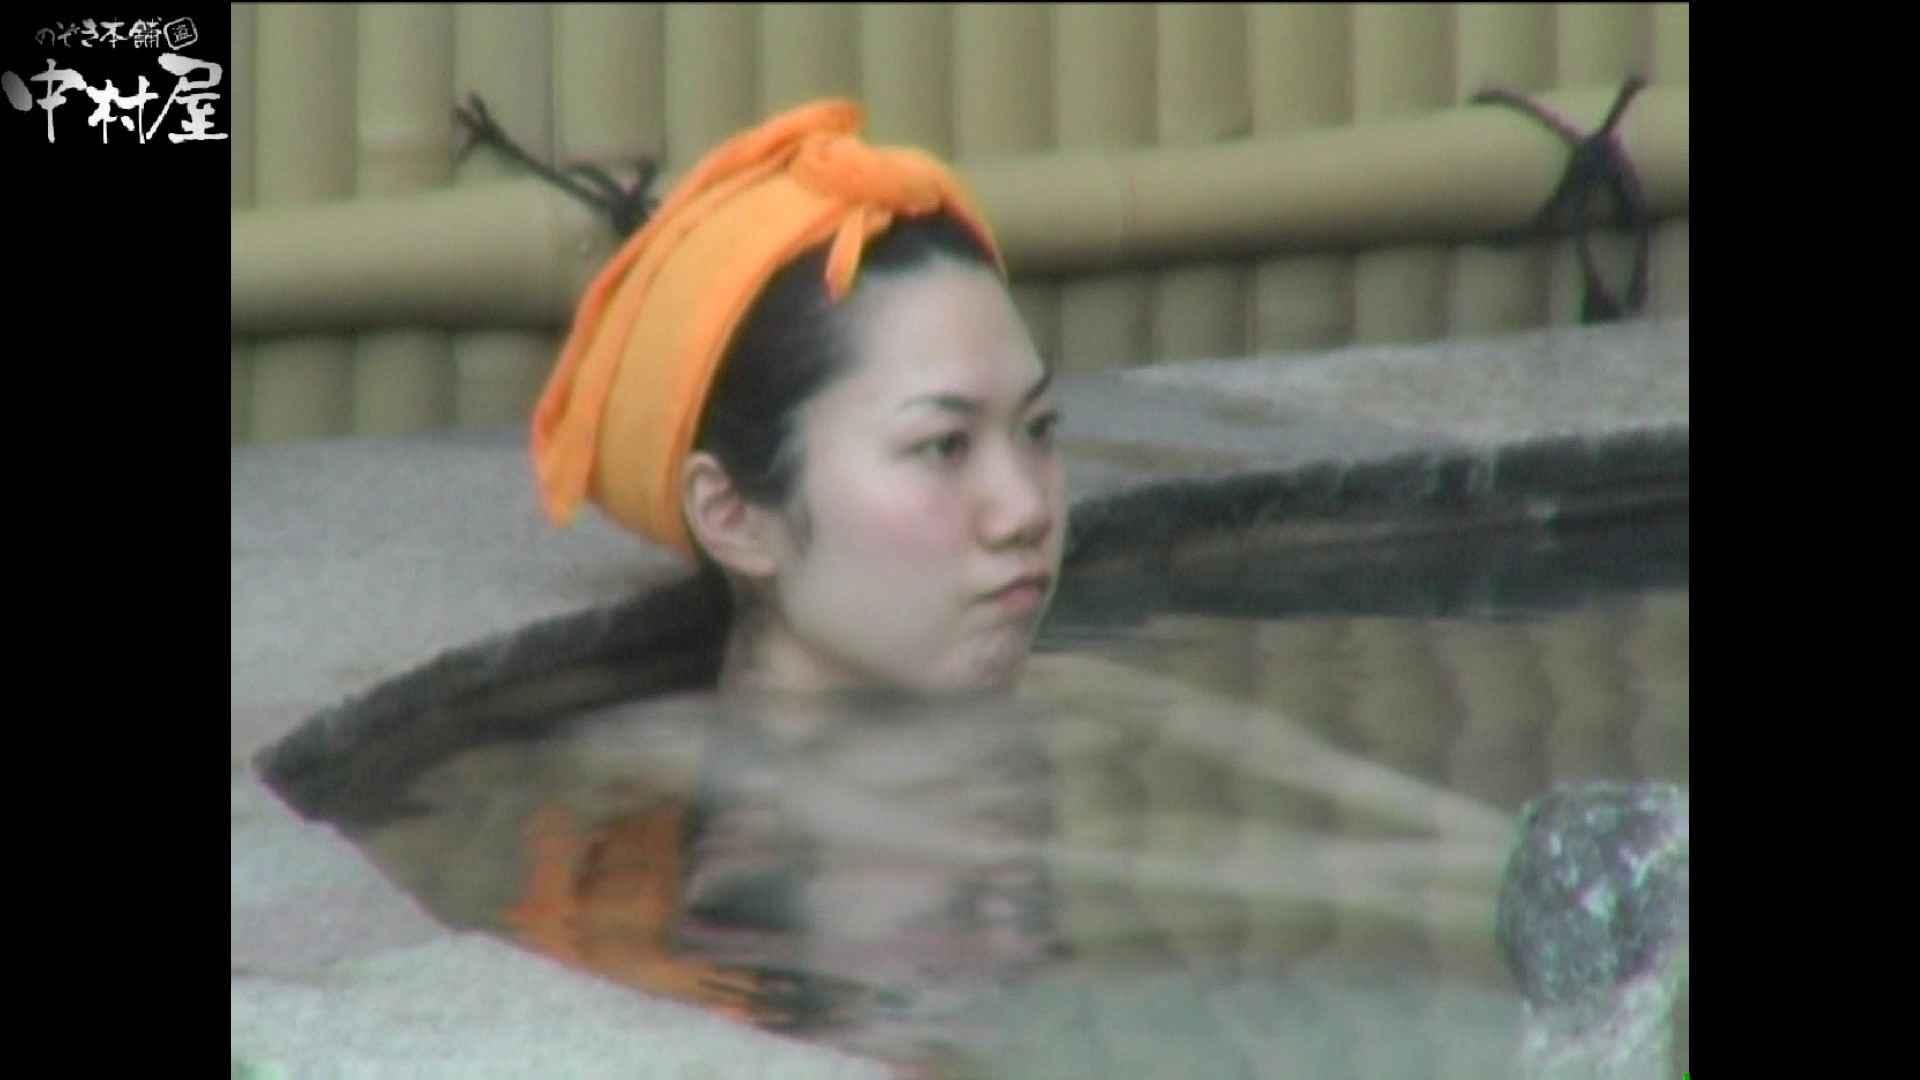 Aquaな露天風呂Vol.978 OLハメ撮り  57Pix 19